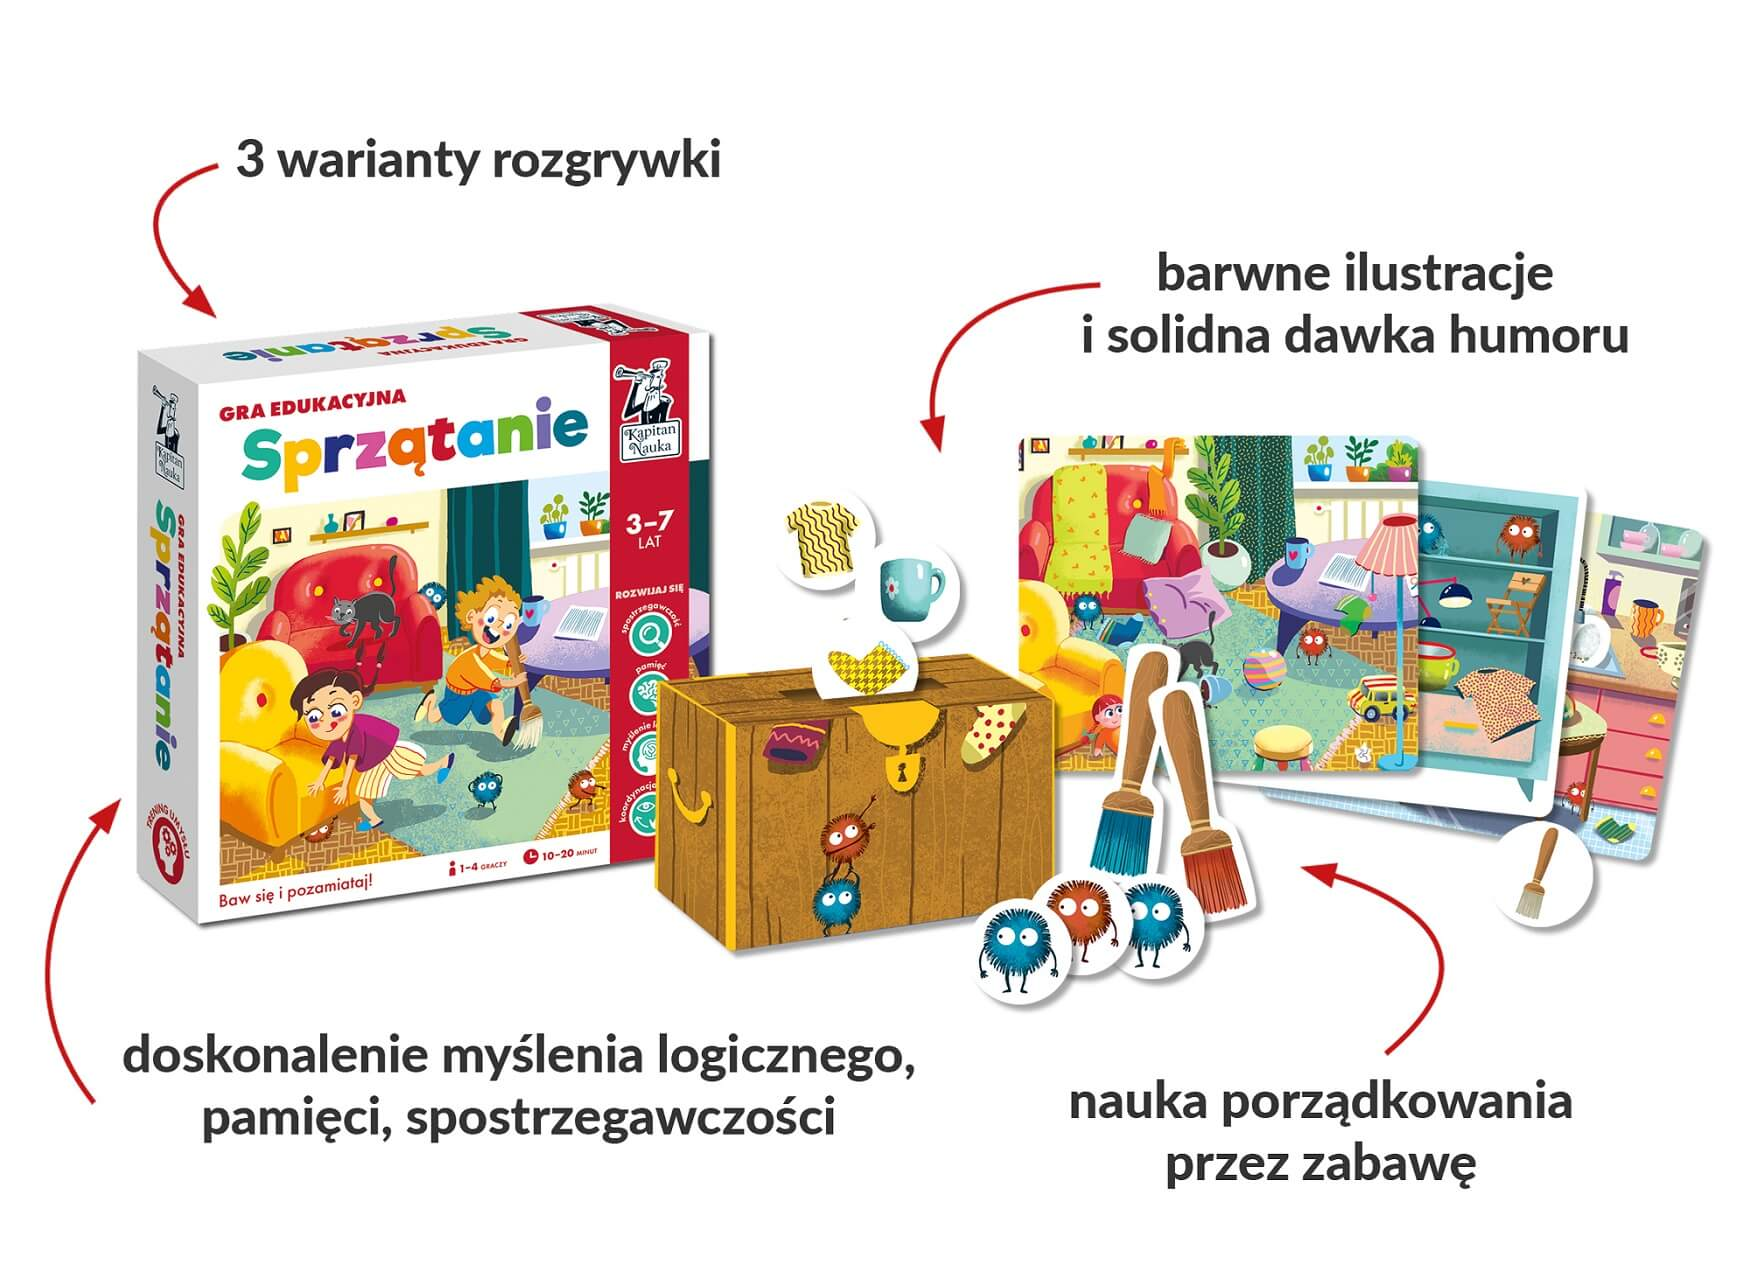 Sprzątanie. Gra edukacyjna - gra dla dzieci w wieku 3-7 lat